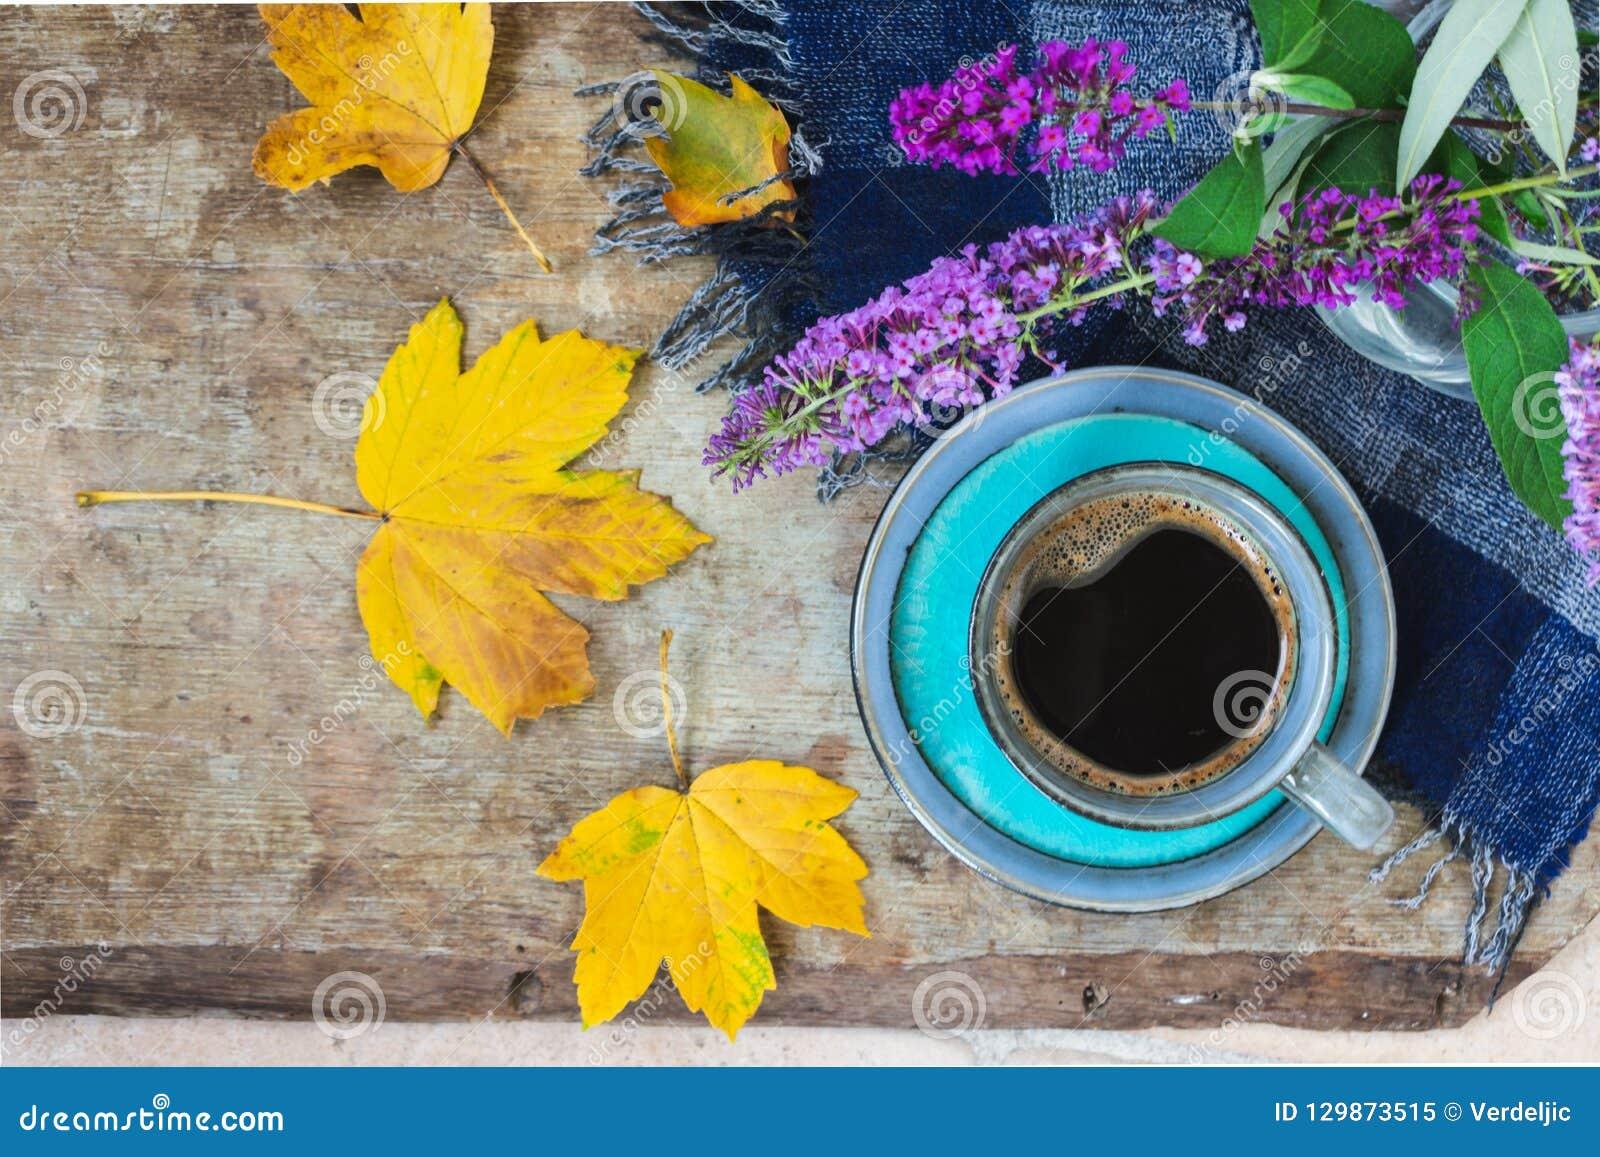 Hoogste mening van een blauwe kop koffie, blauwe geruite sjaal, purpere bloemen in een vaas en gouden bladeren op houten achtergr